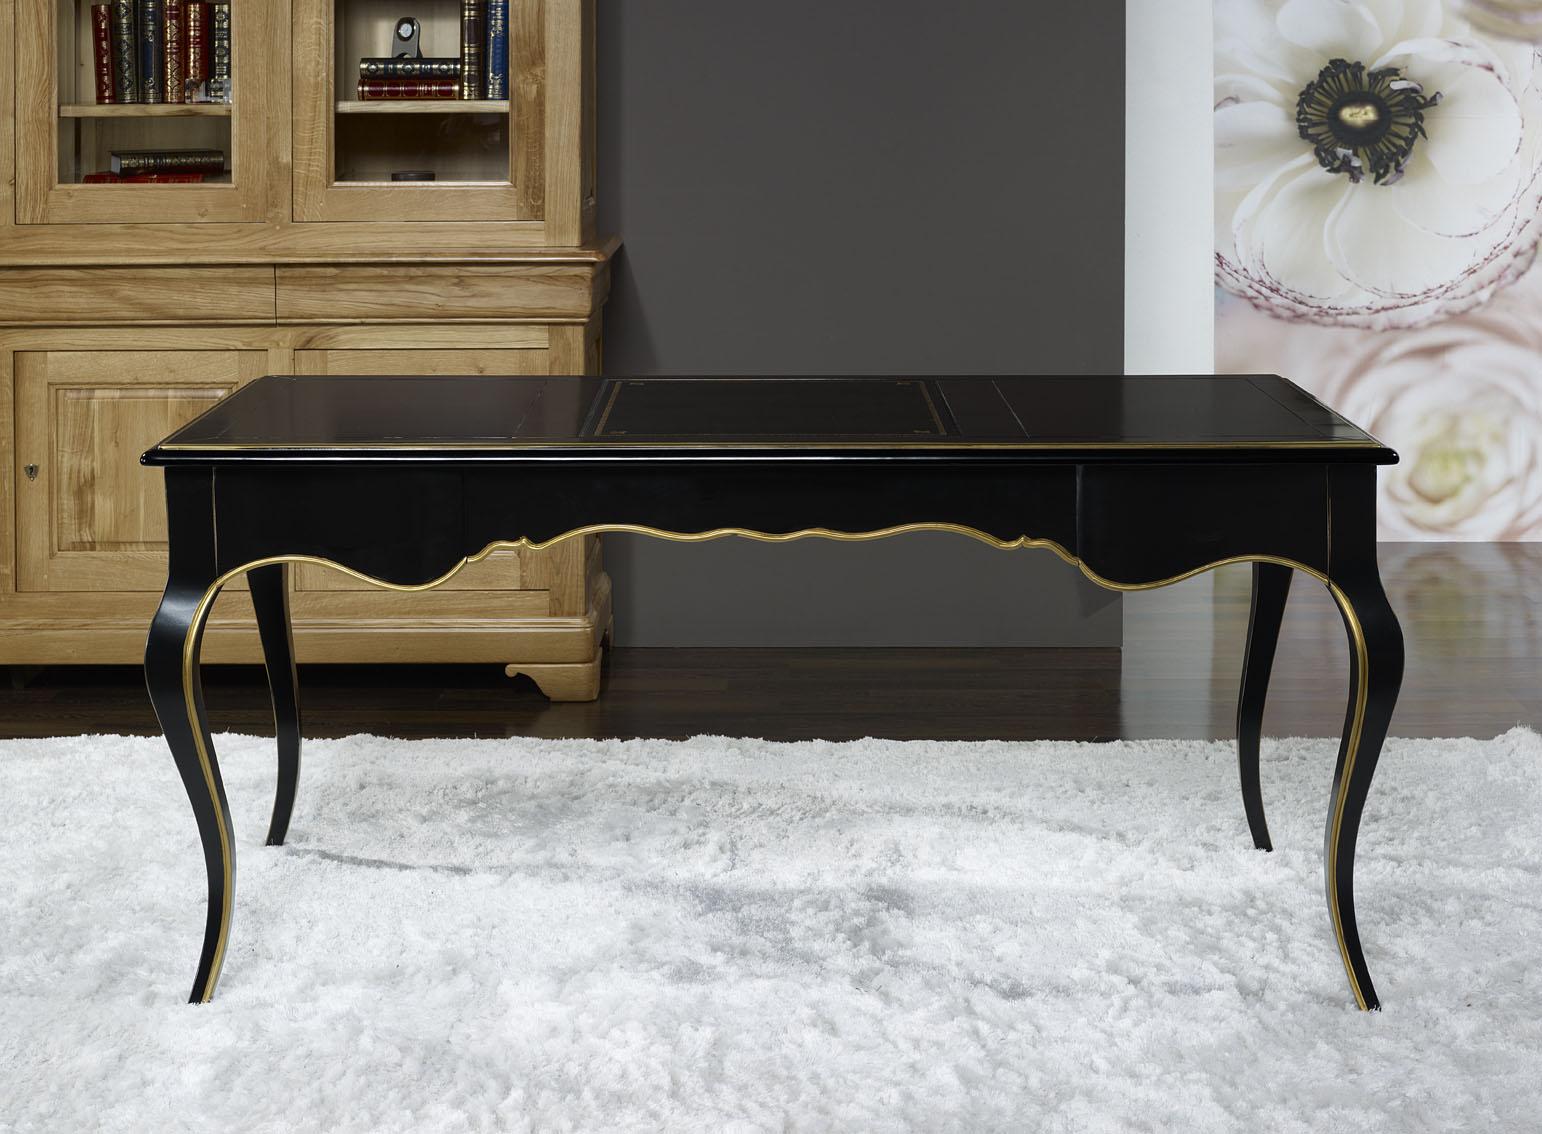 Mesa escritorio Lucio realizado en madera de Cerezo macizo estilo